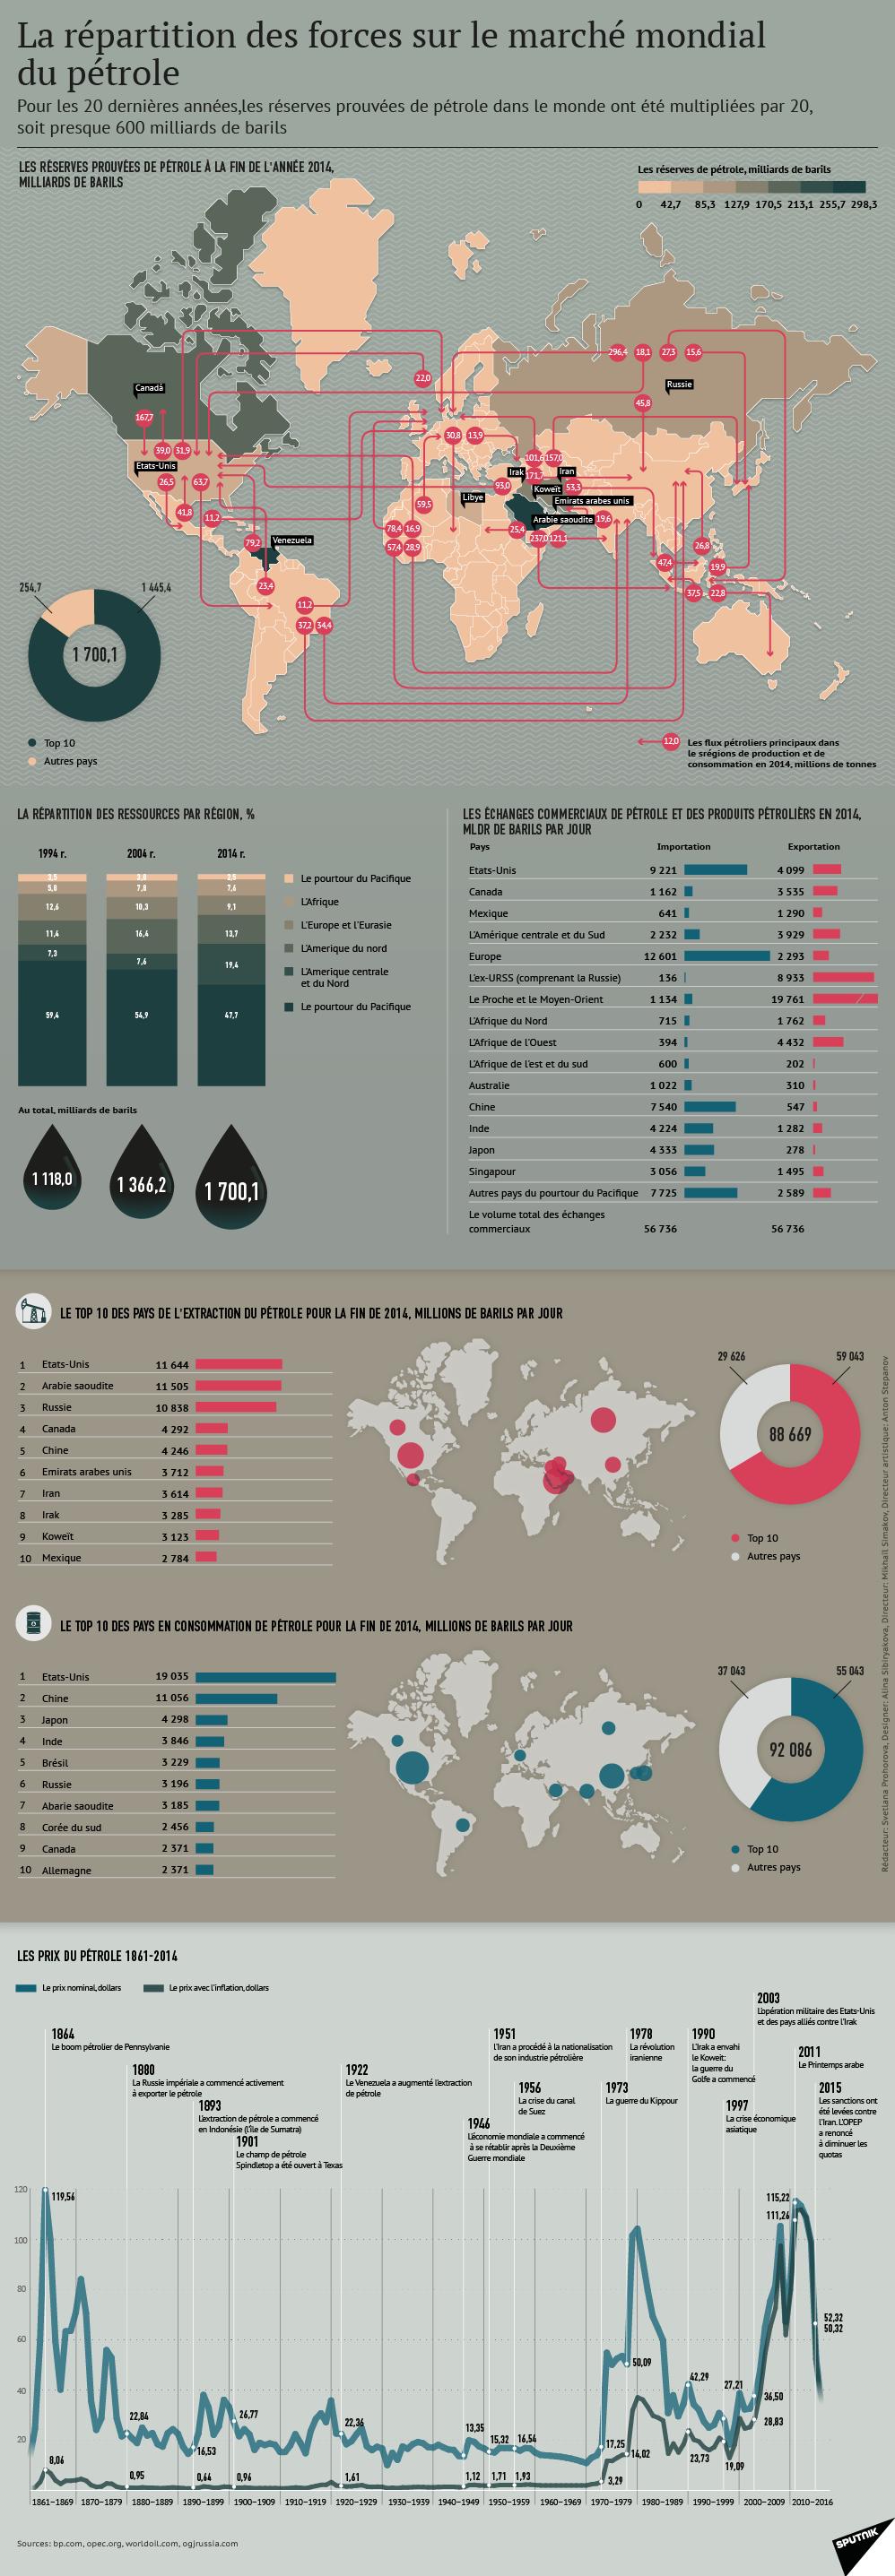 La répartition des forces sur le marché mondial du petrole